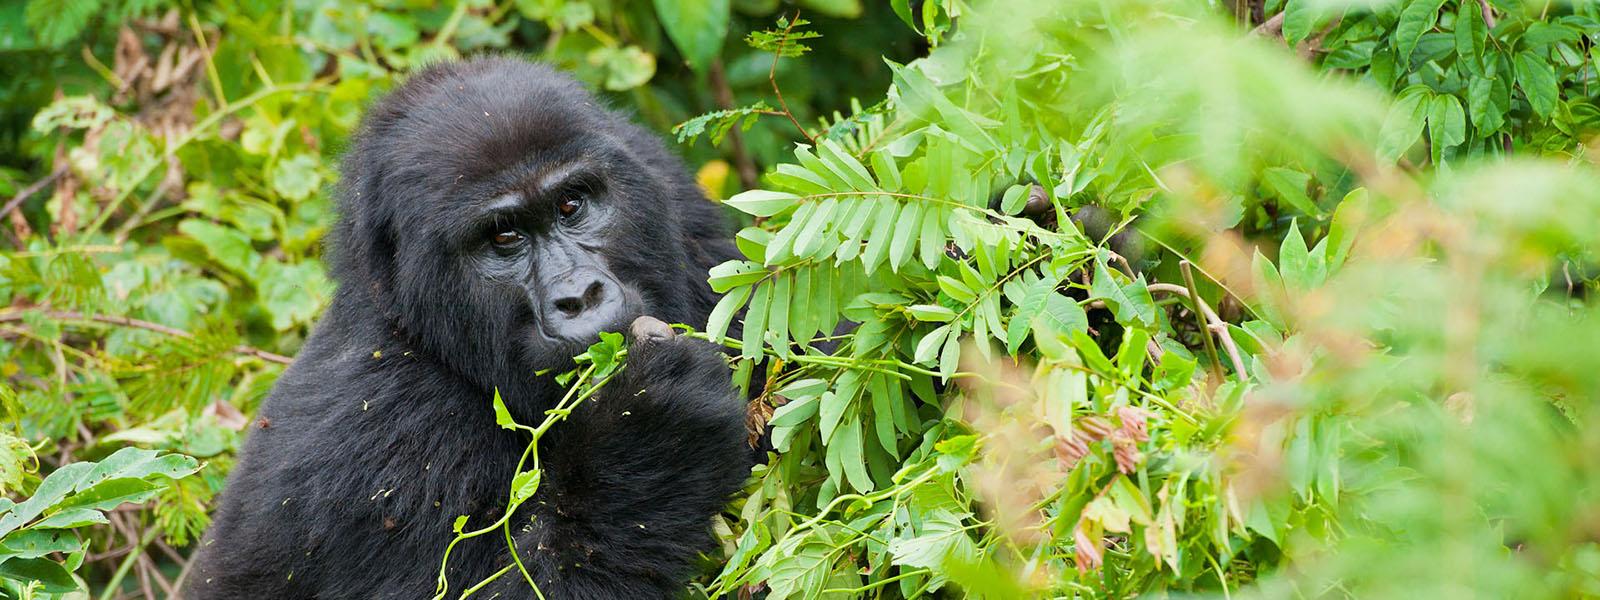 DRC Congo Gorilla Safaris